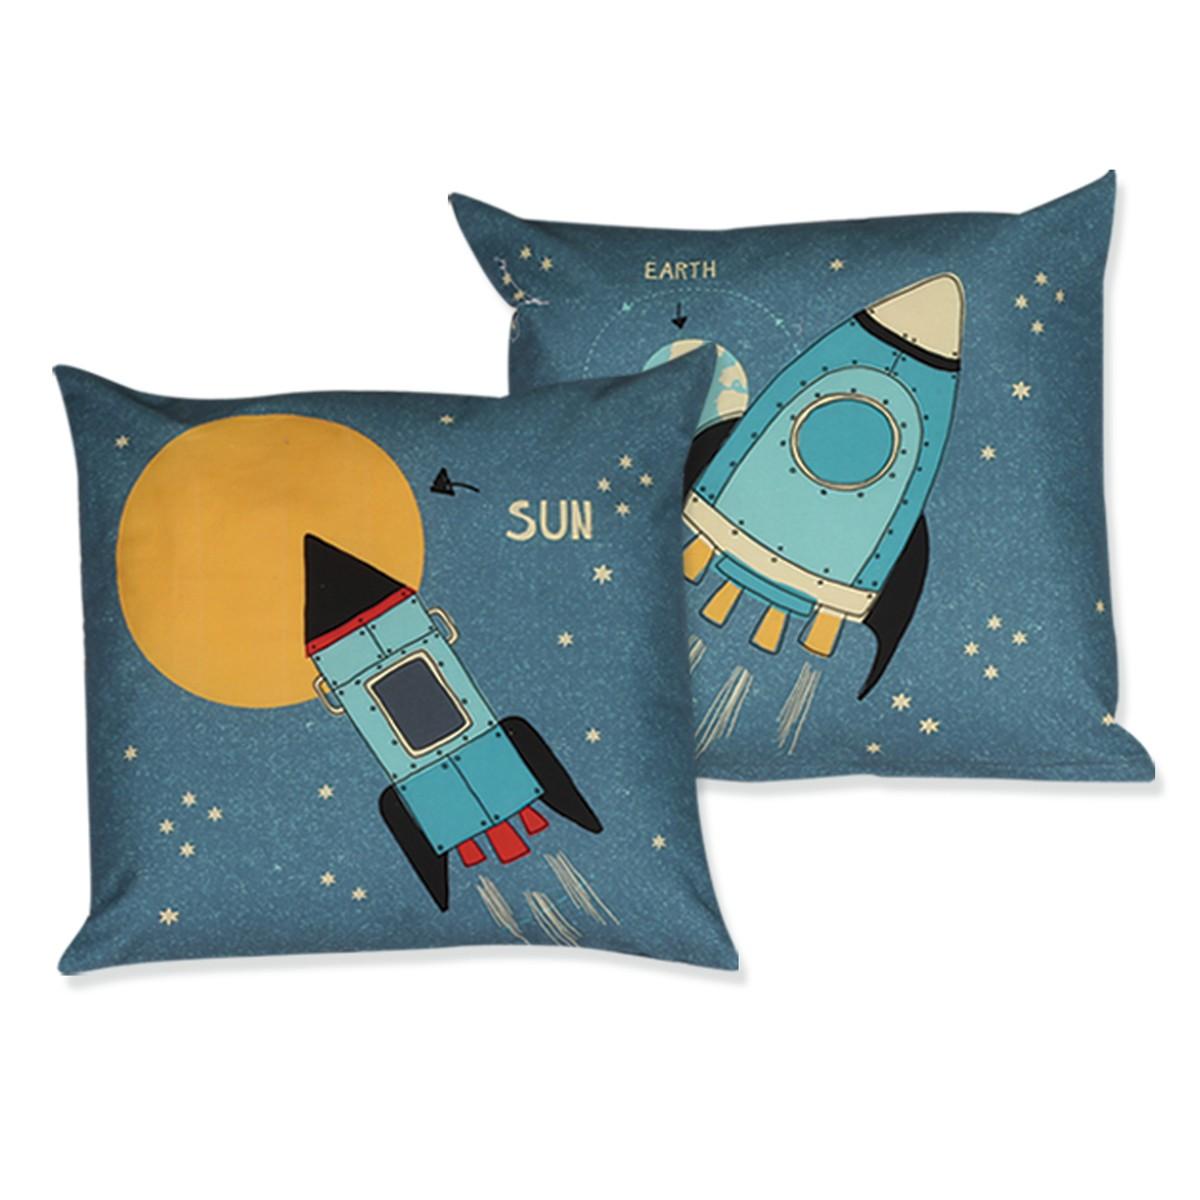 Διακοσμητικό Μαξιλάρι Nef-Nef Junior Space home   παιδικά   διακοσμητικά μαξιλάρια παιδικά